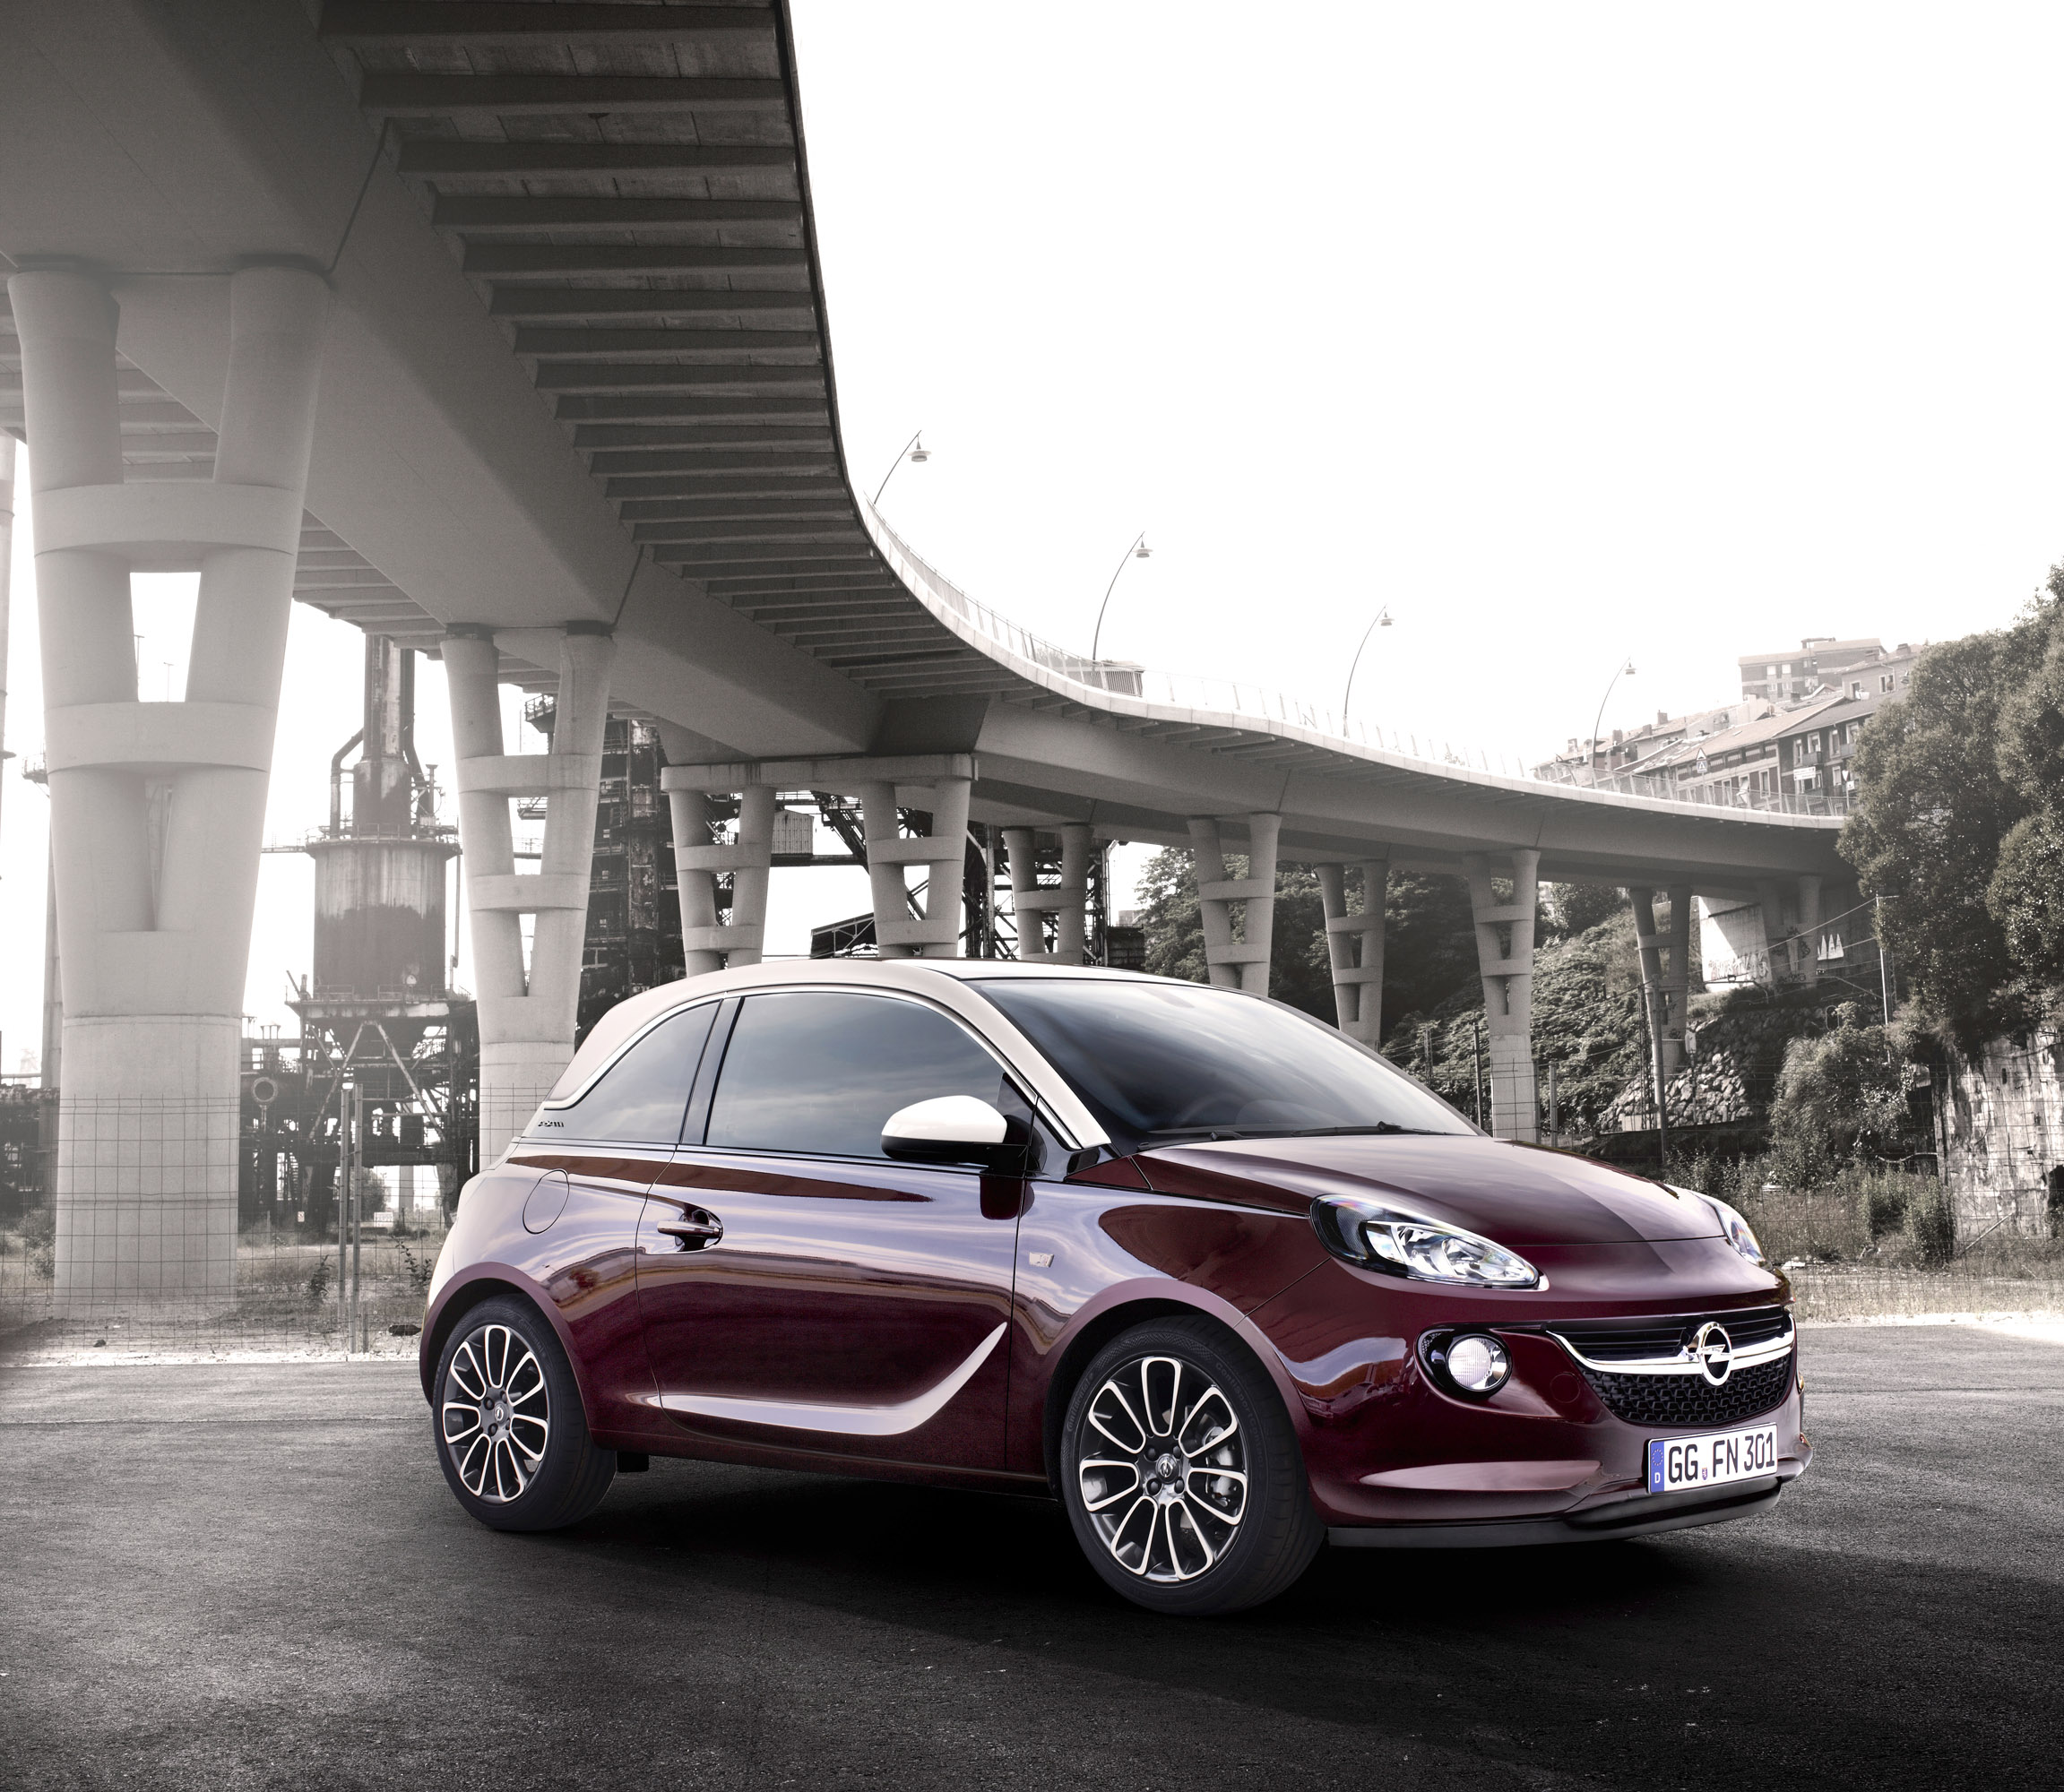 Opel Adam photo #1